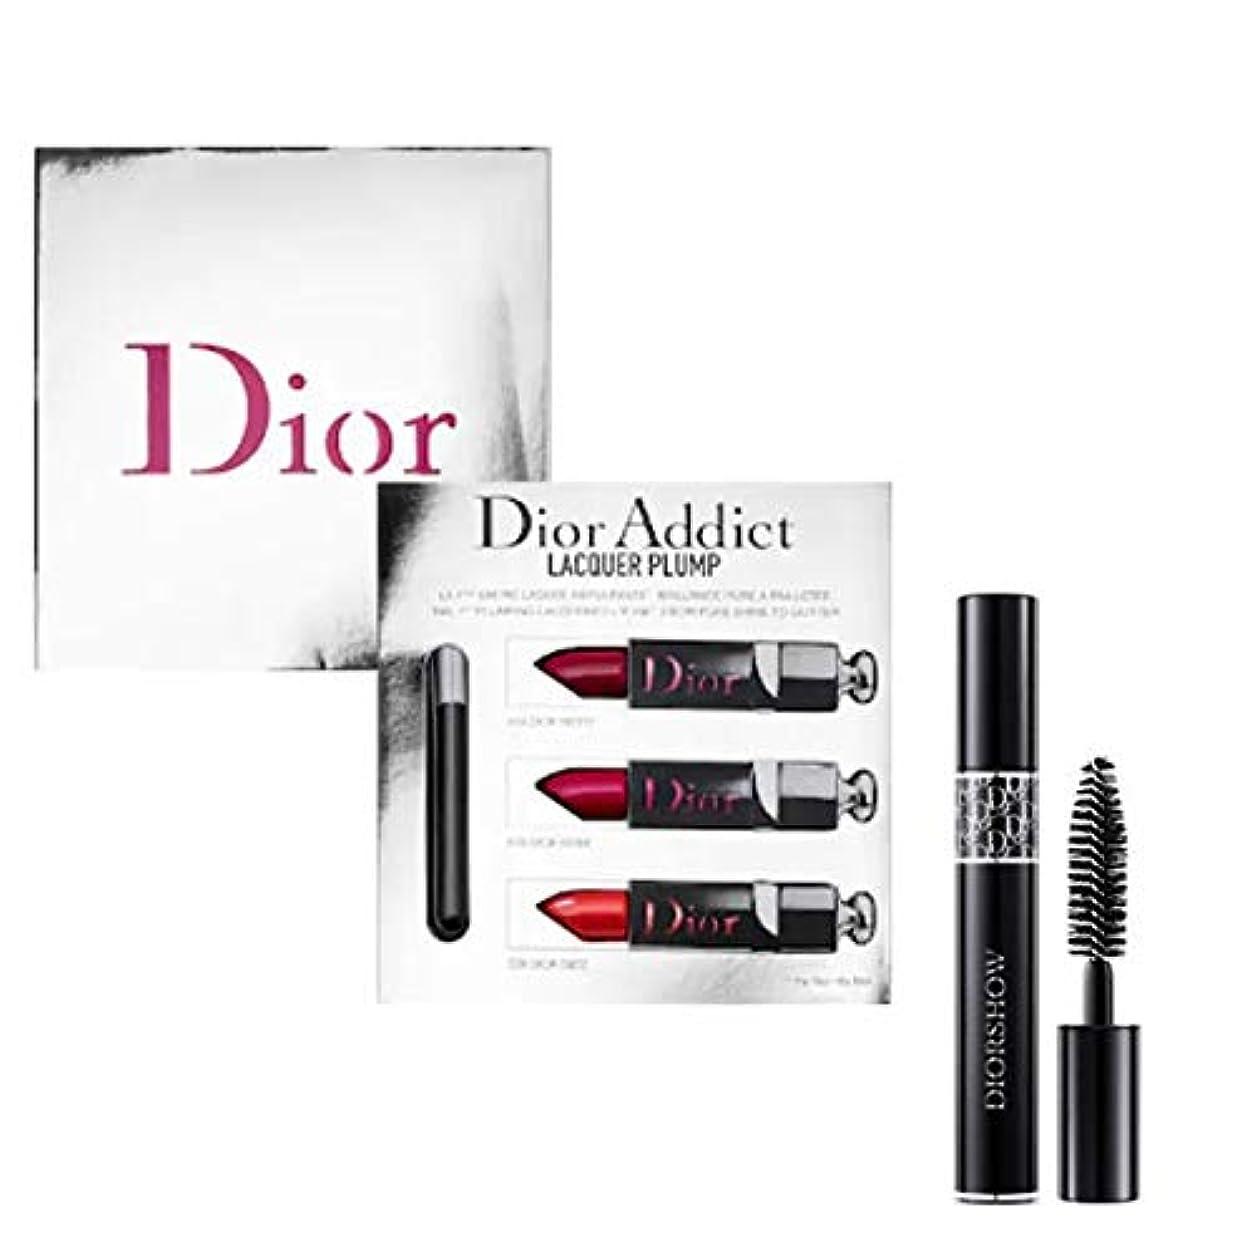 クスクス転送子Dior, Trial Size 2/set - Mascara & Lip Gloss Card [海外直送品] [並行輸入品]